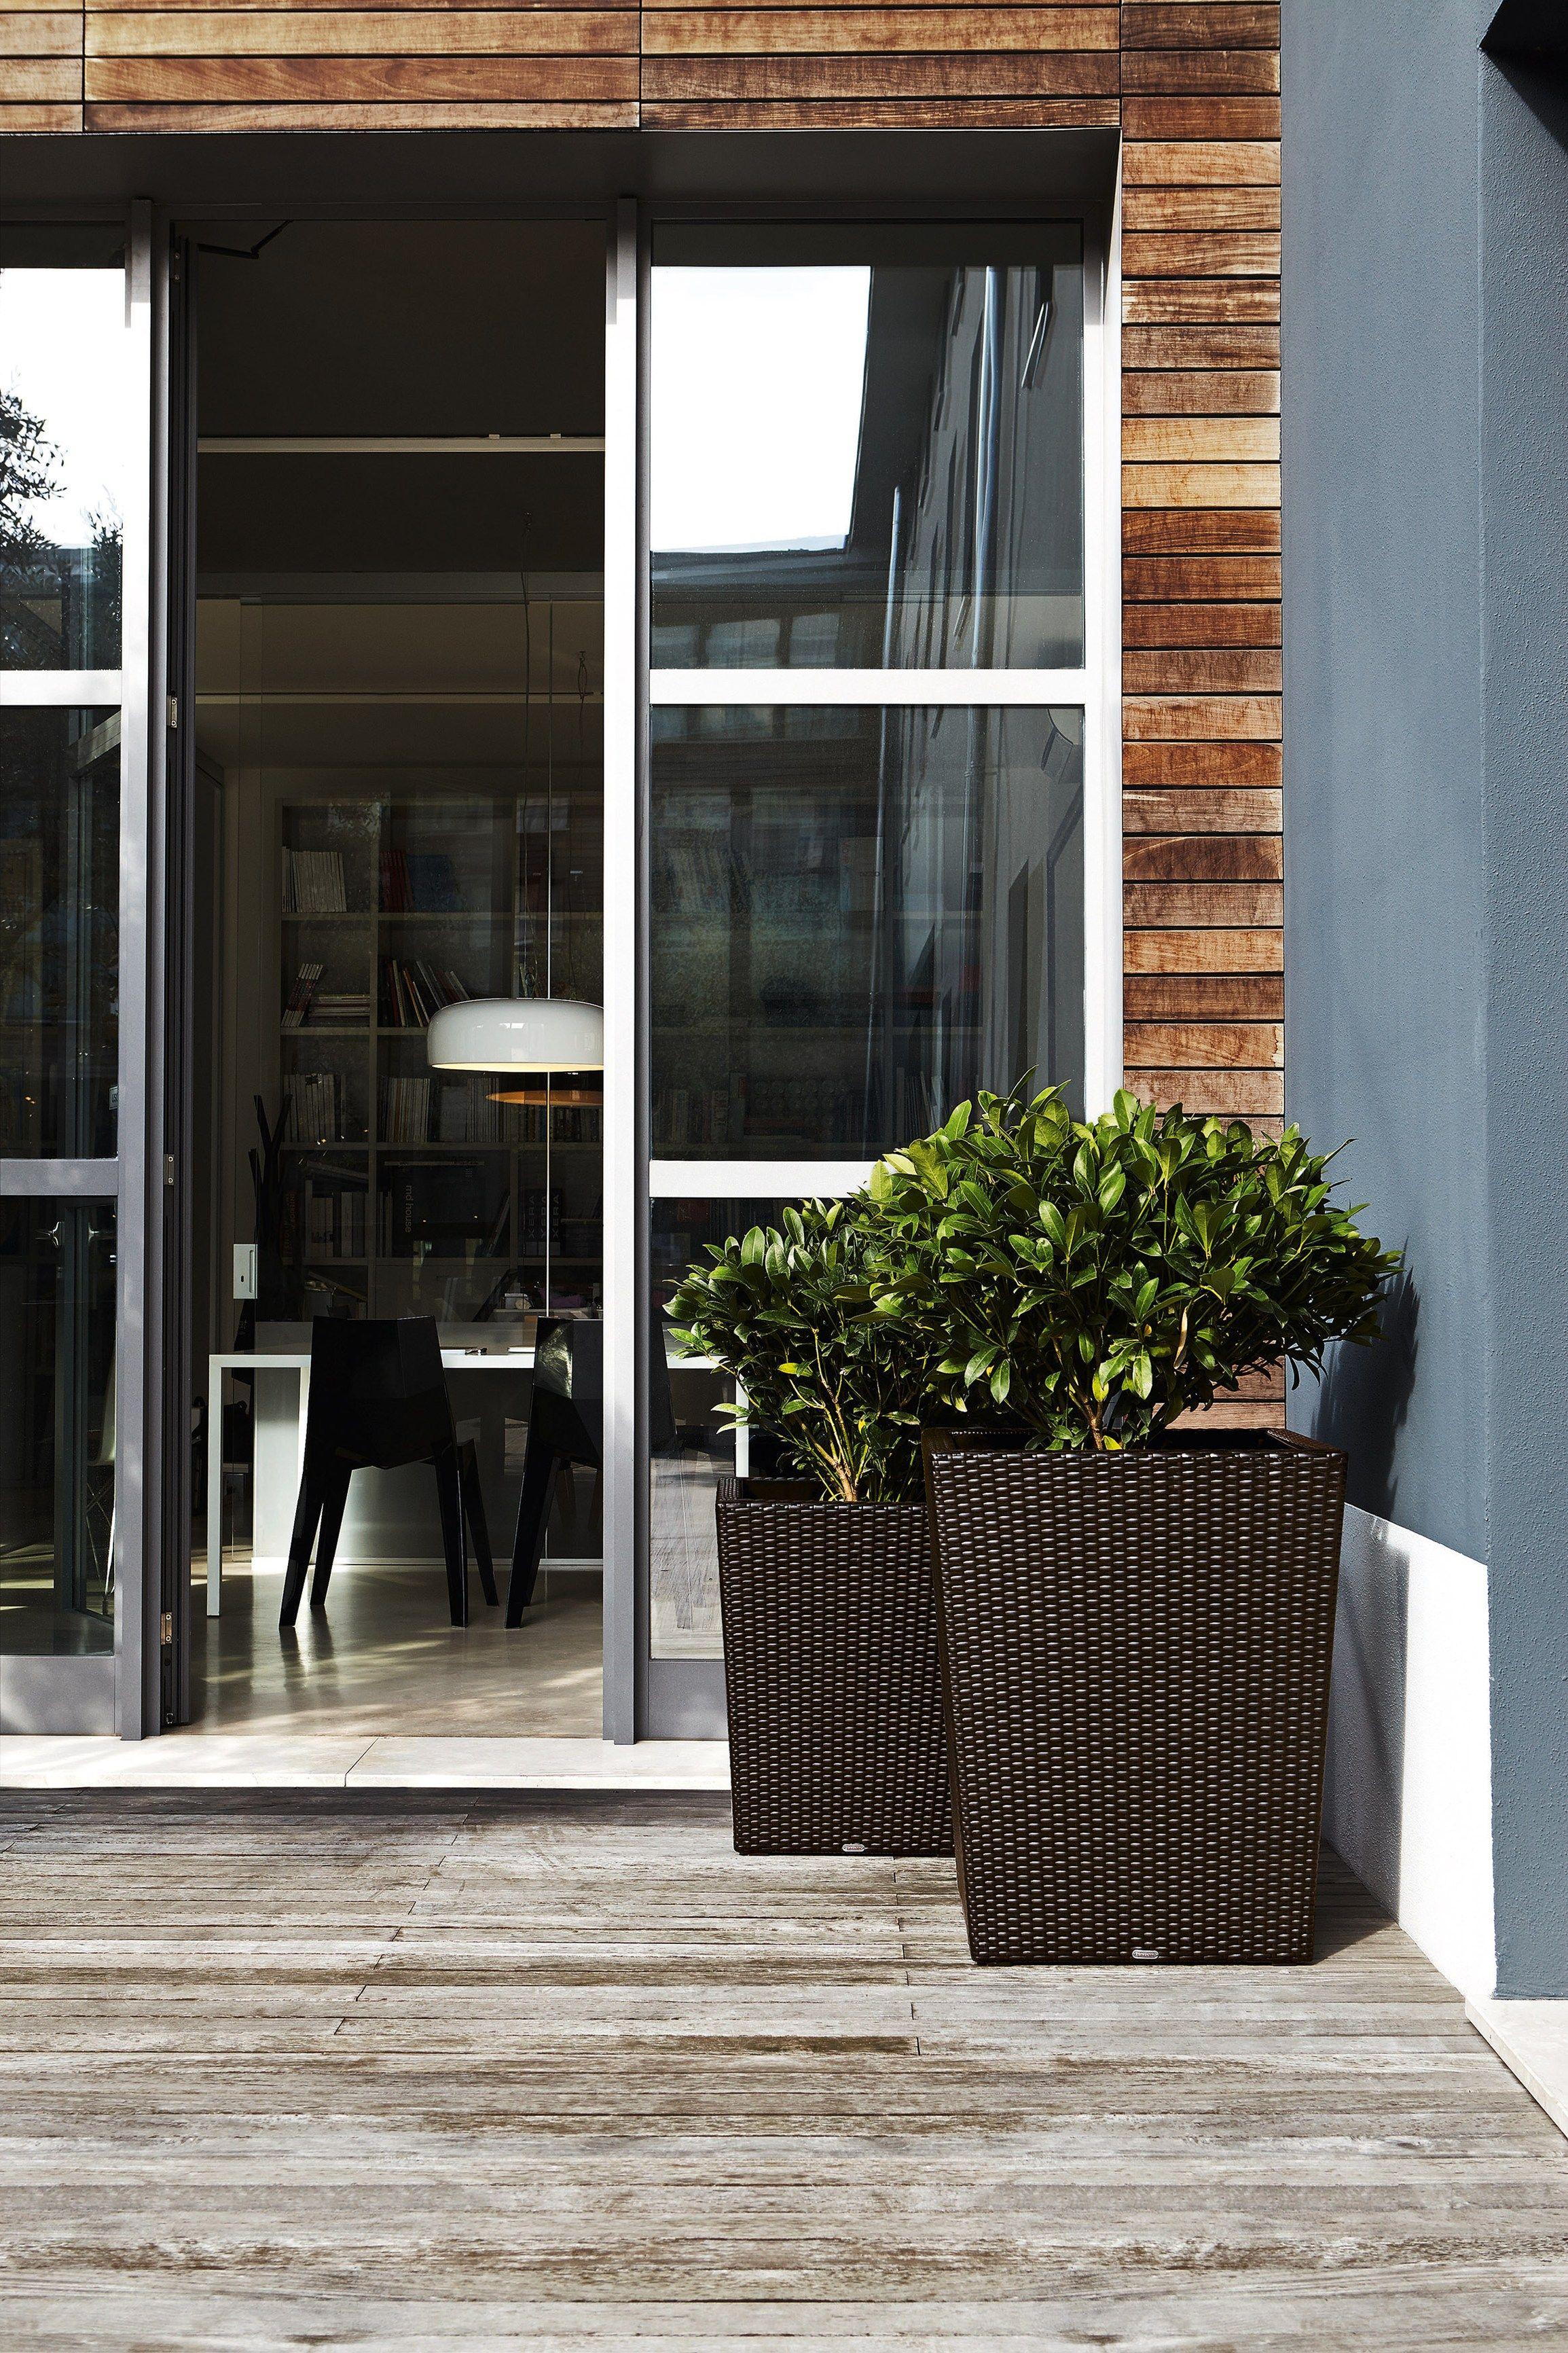 Giada jardini re haute by varaschin - Jardiniere rectangulaire haute ...